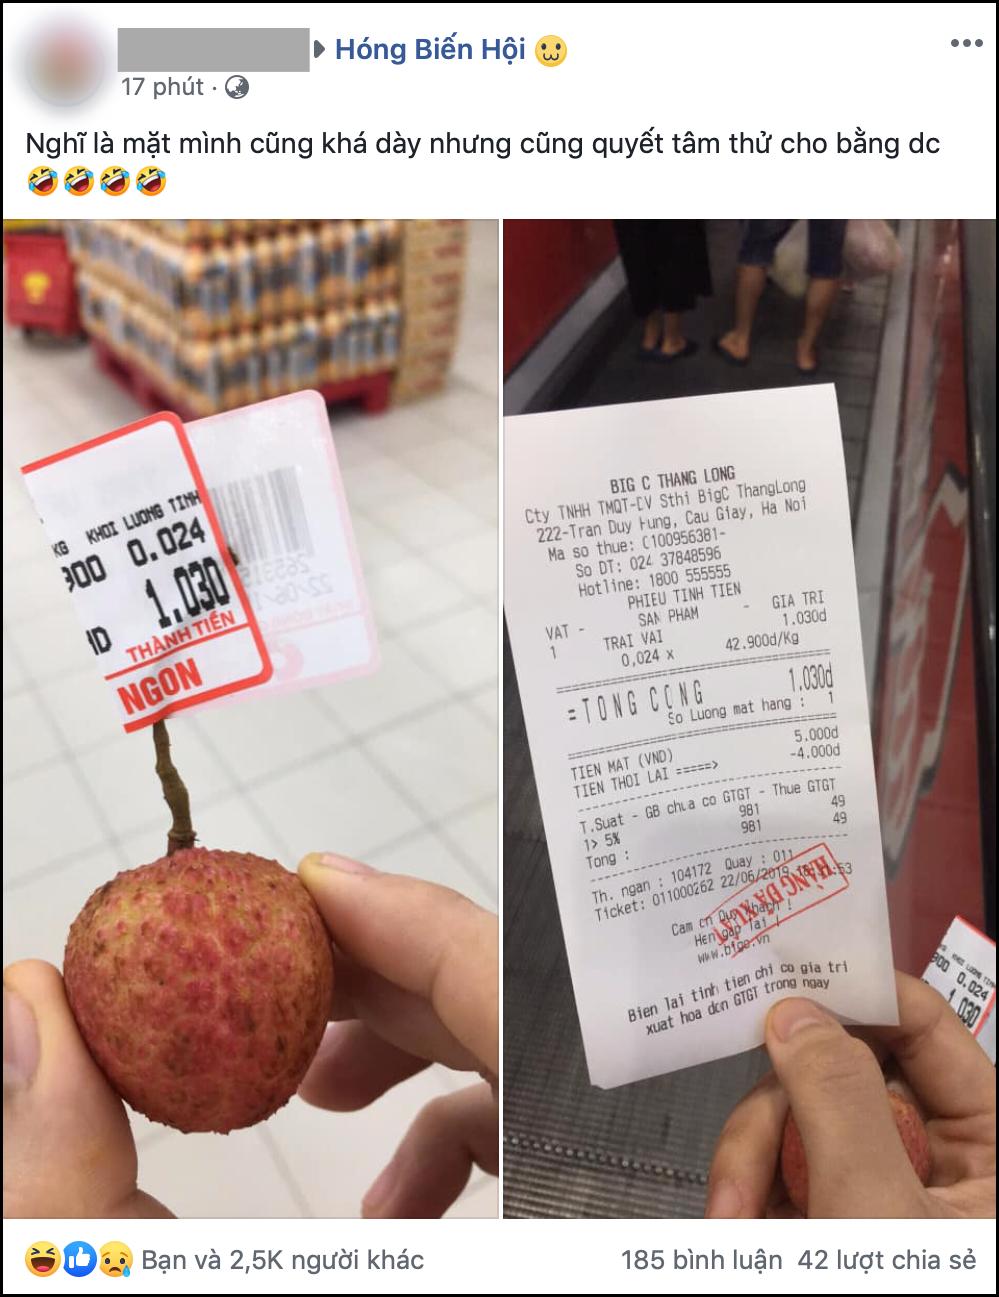 Nam thanh niên lầy lội vào siêu thị chỉ mua 1 quả vải, thanh toán 1.030 đồng làm dân mạng cười ra nước mắt-1